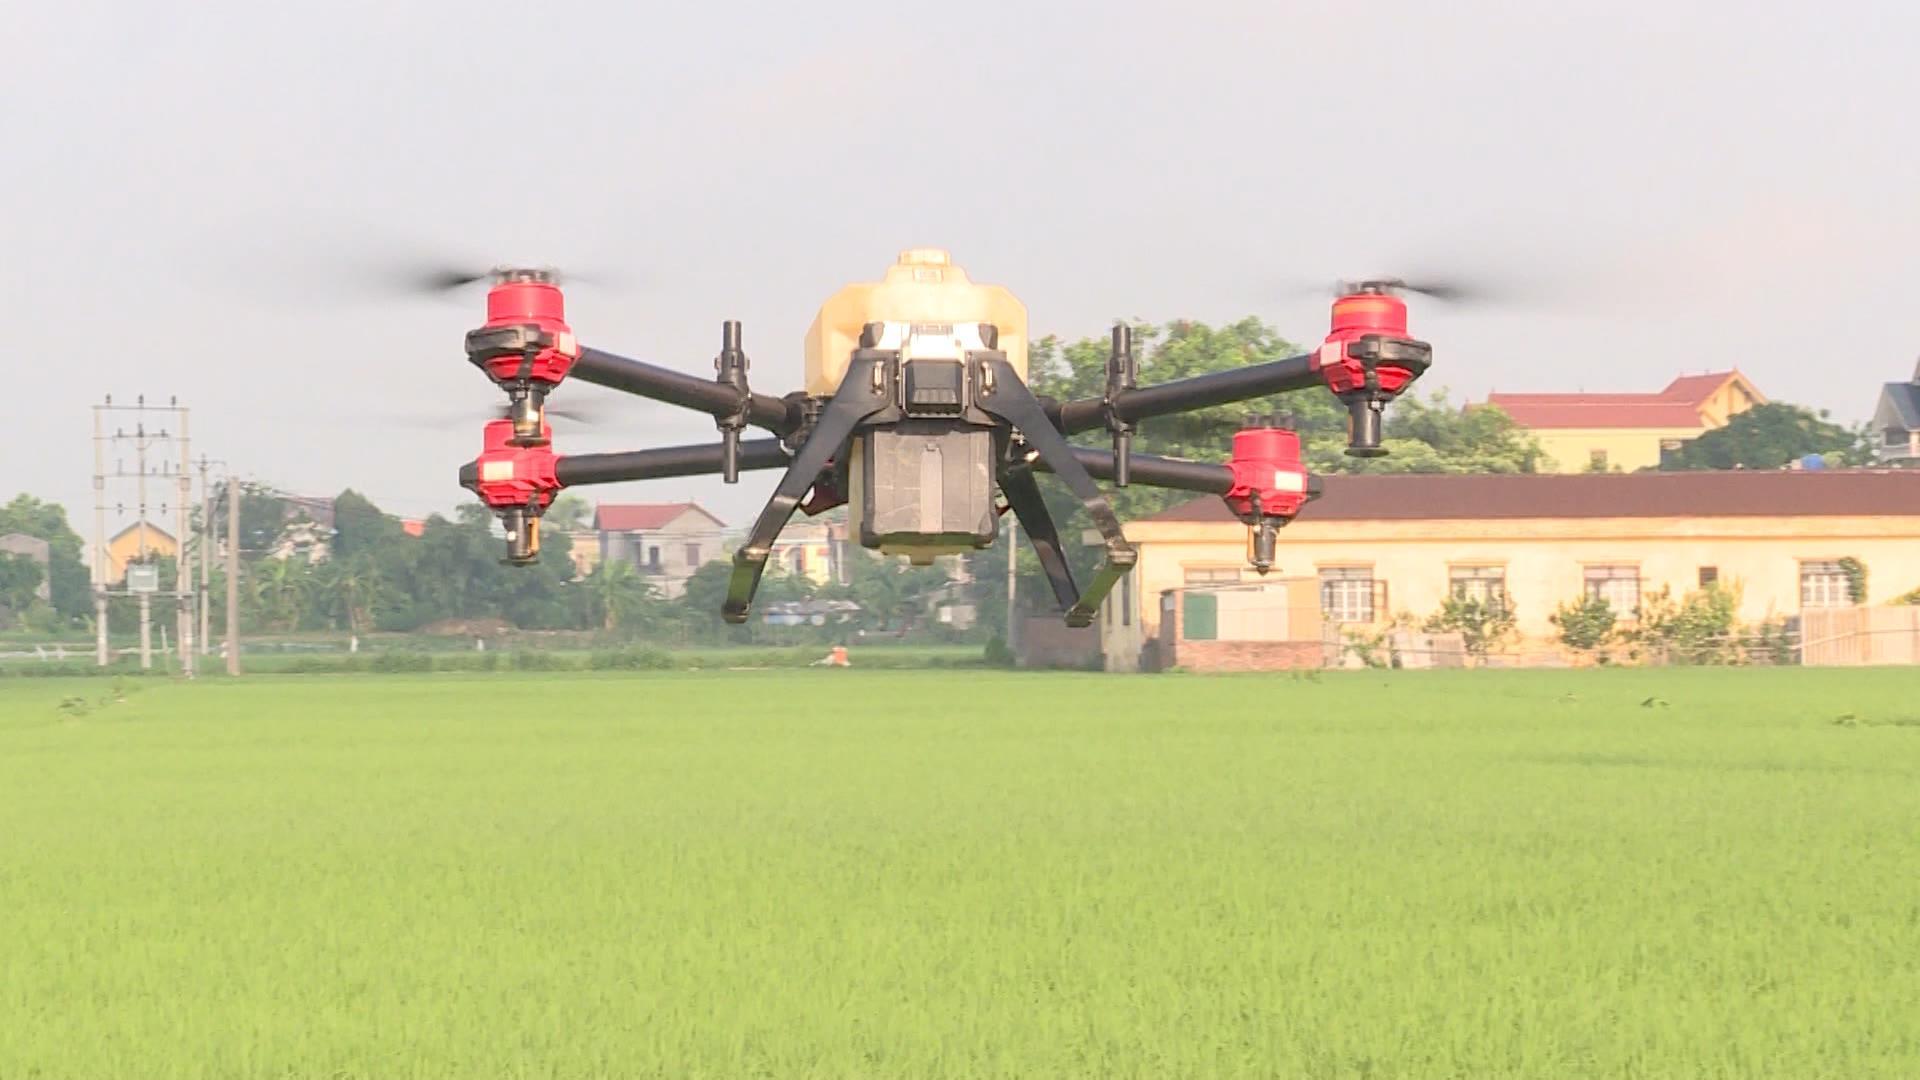 Trình diễn phun thuốc bảo vệ thực vật bằng máy bay không người lái